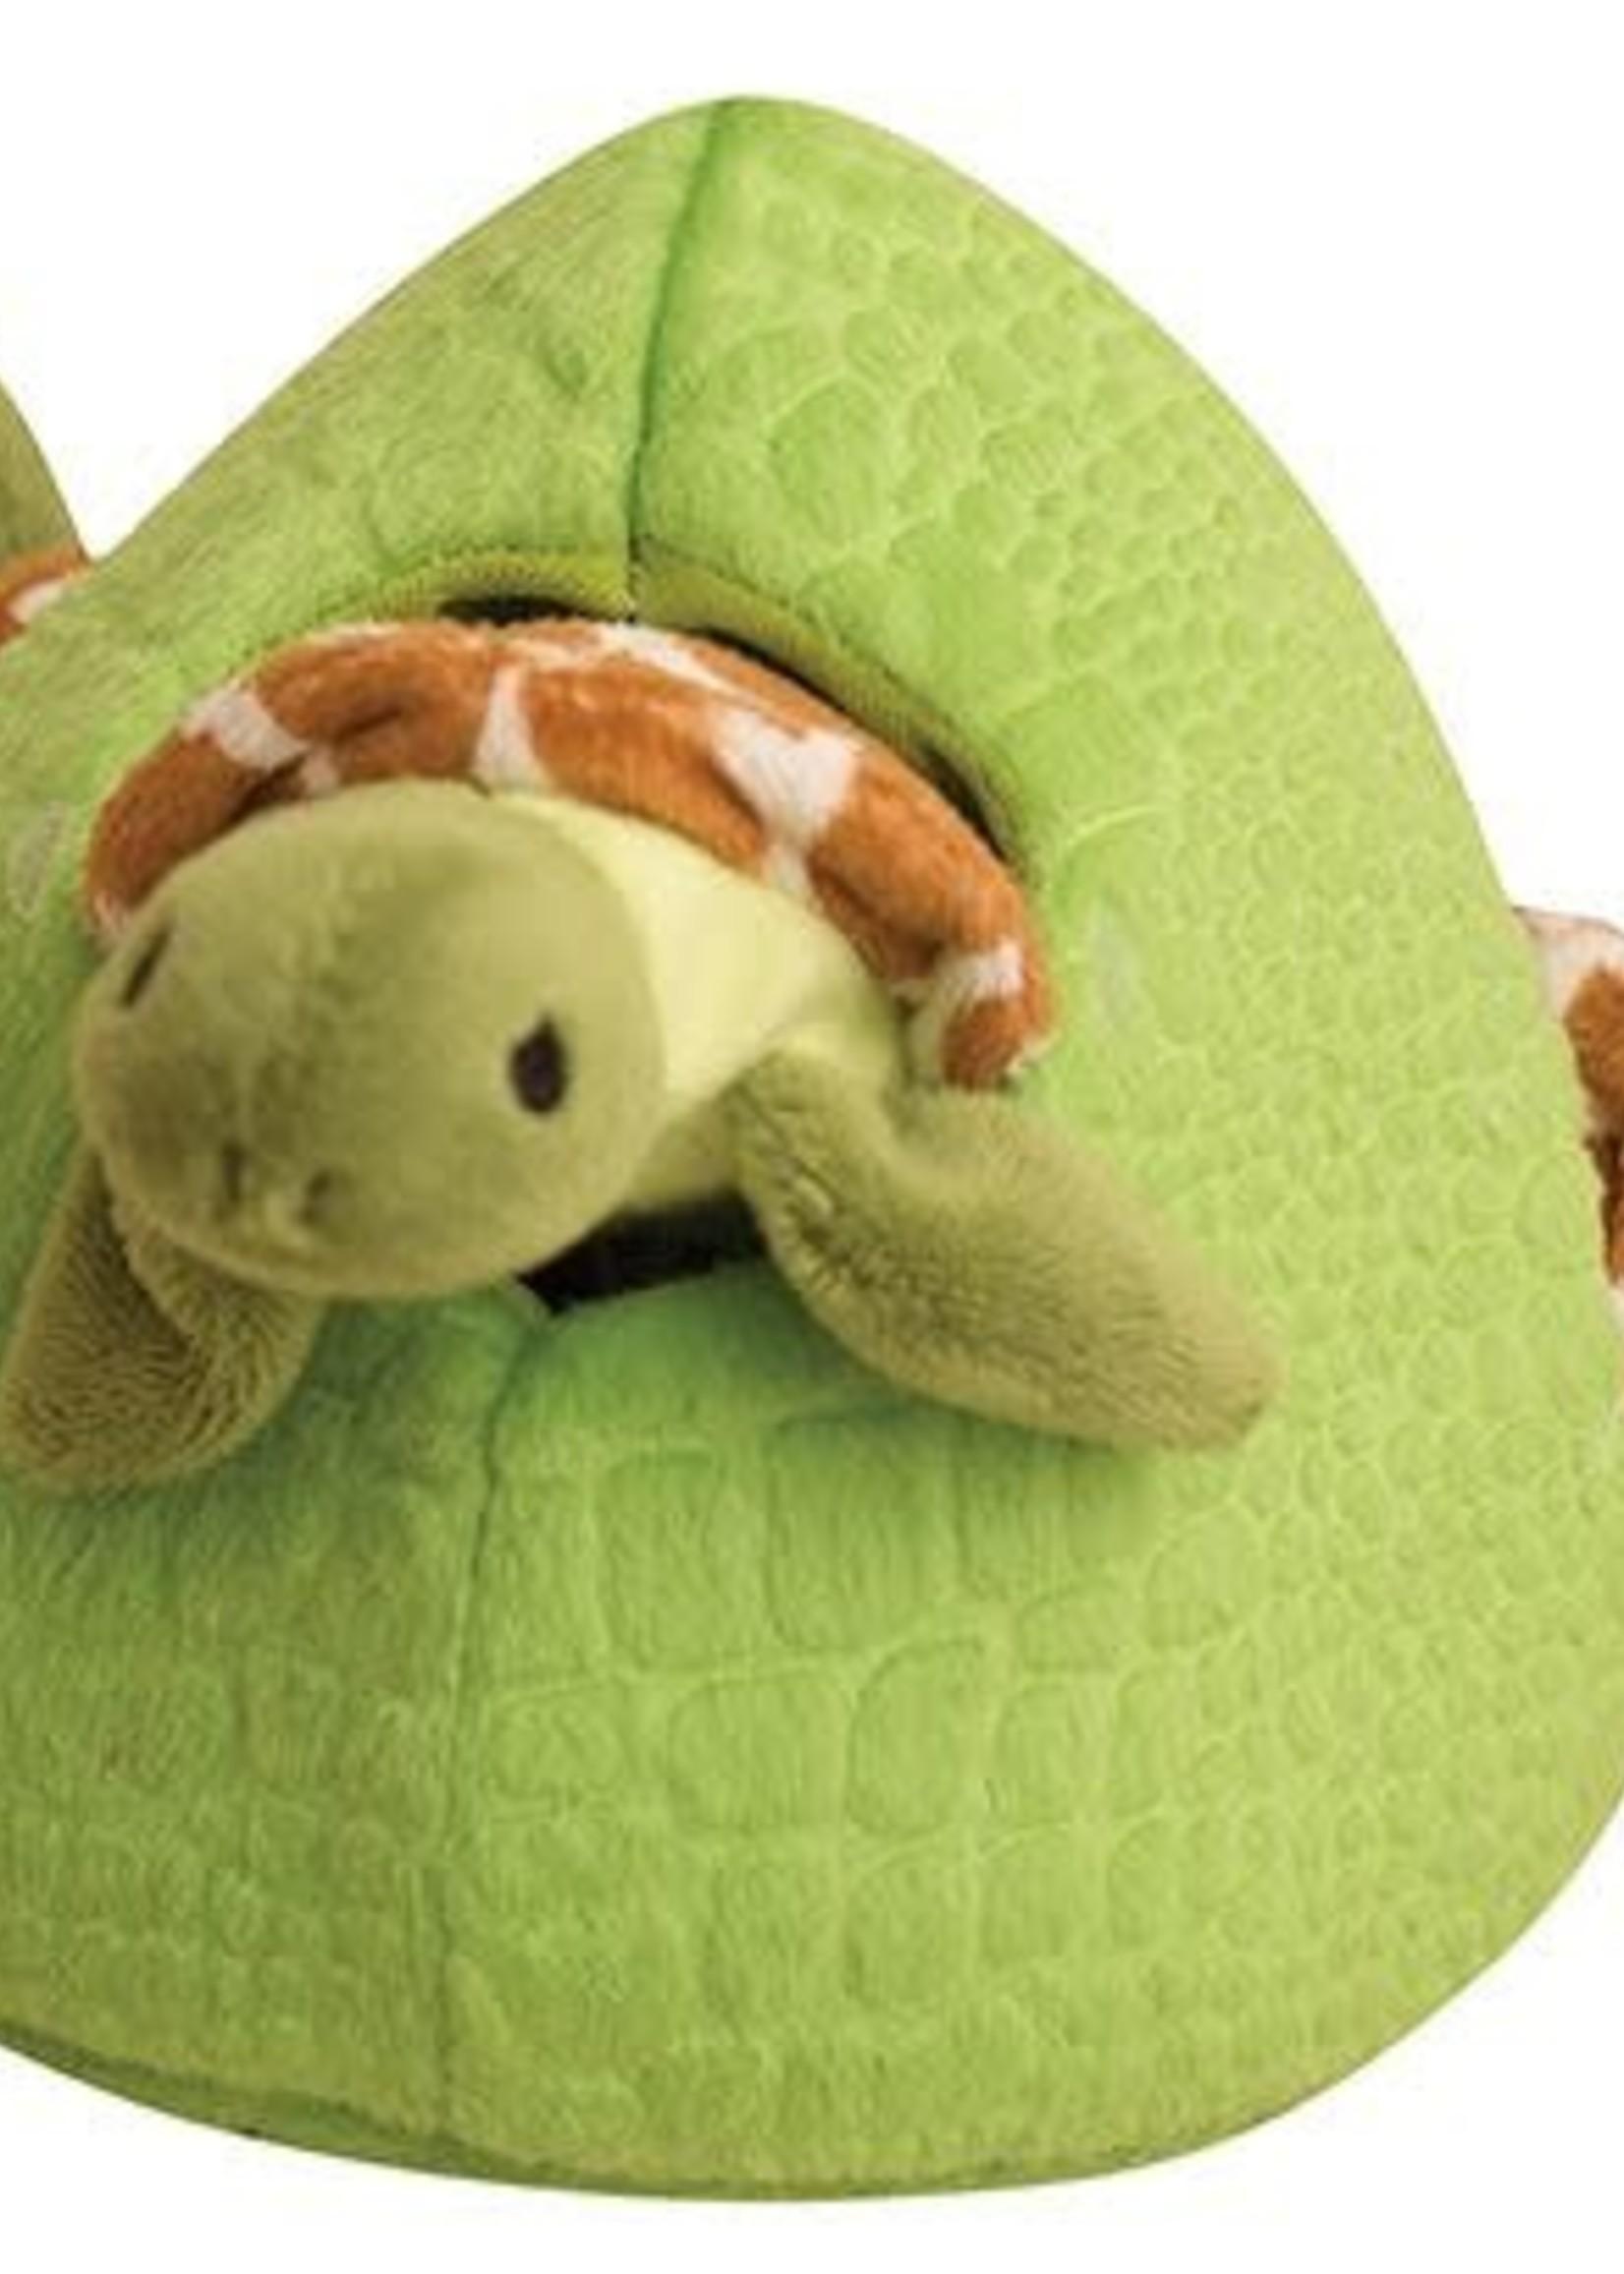 snugarooz Hide and Seek Reef 4 toys in one Dog